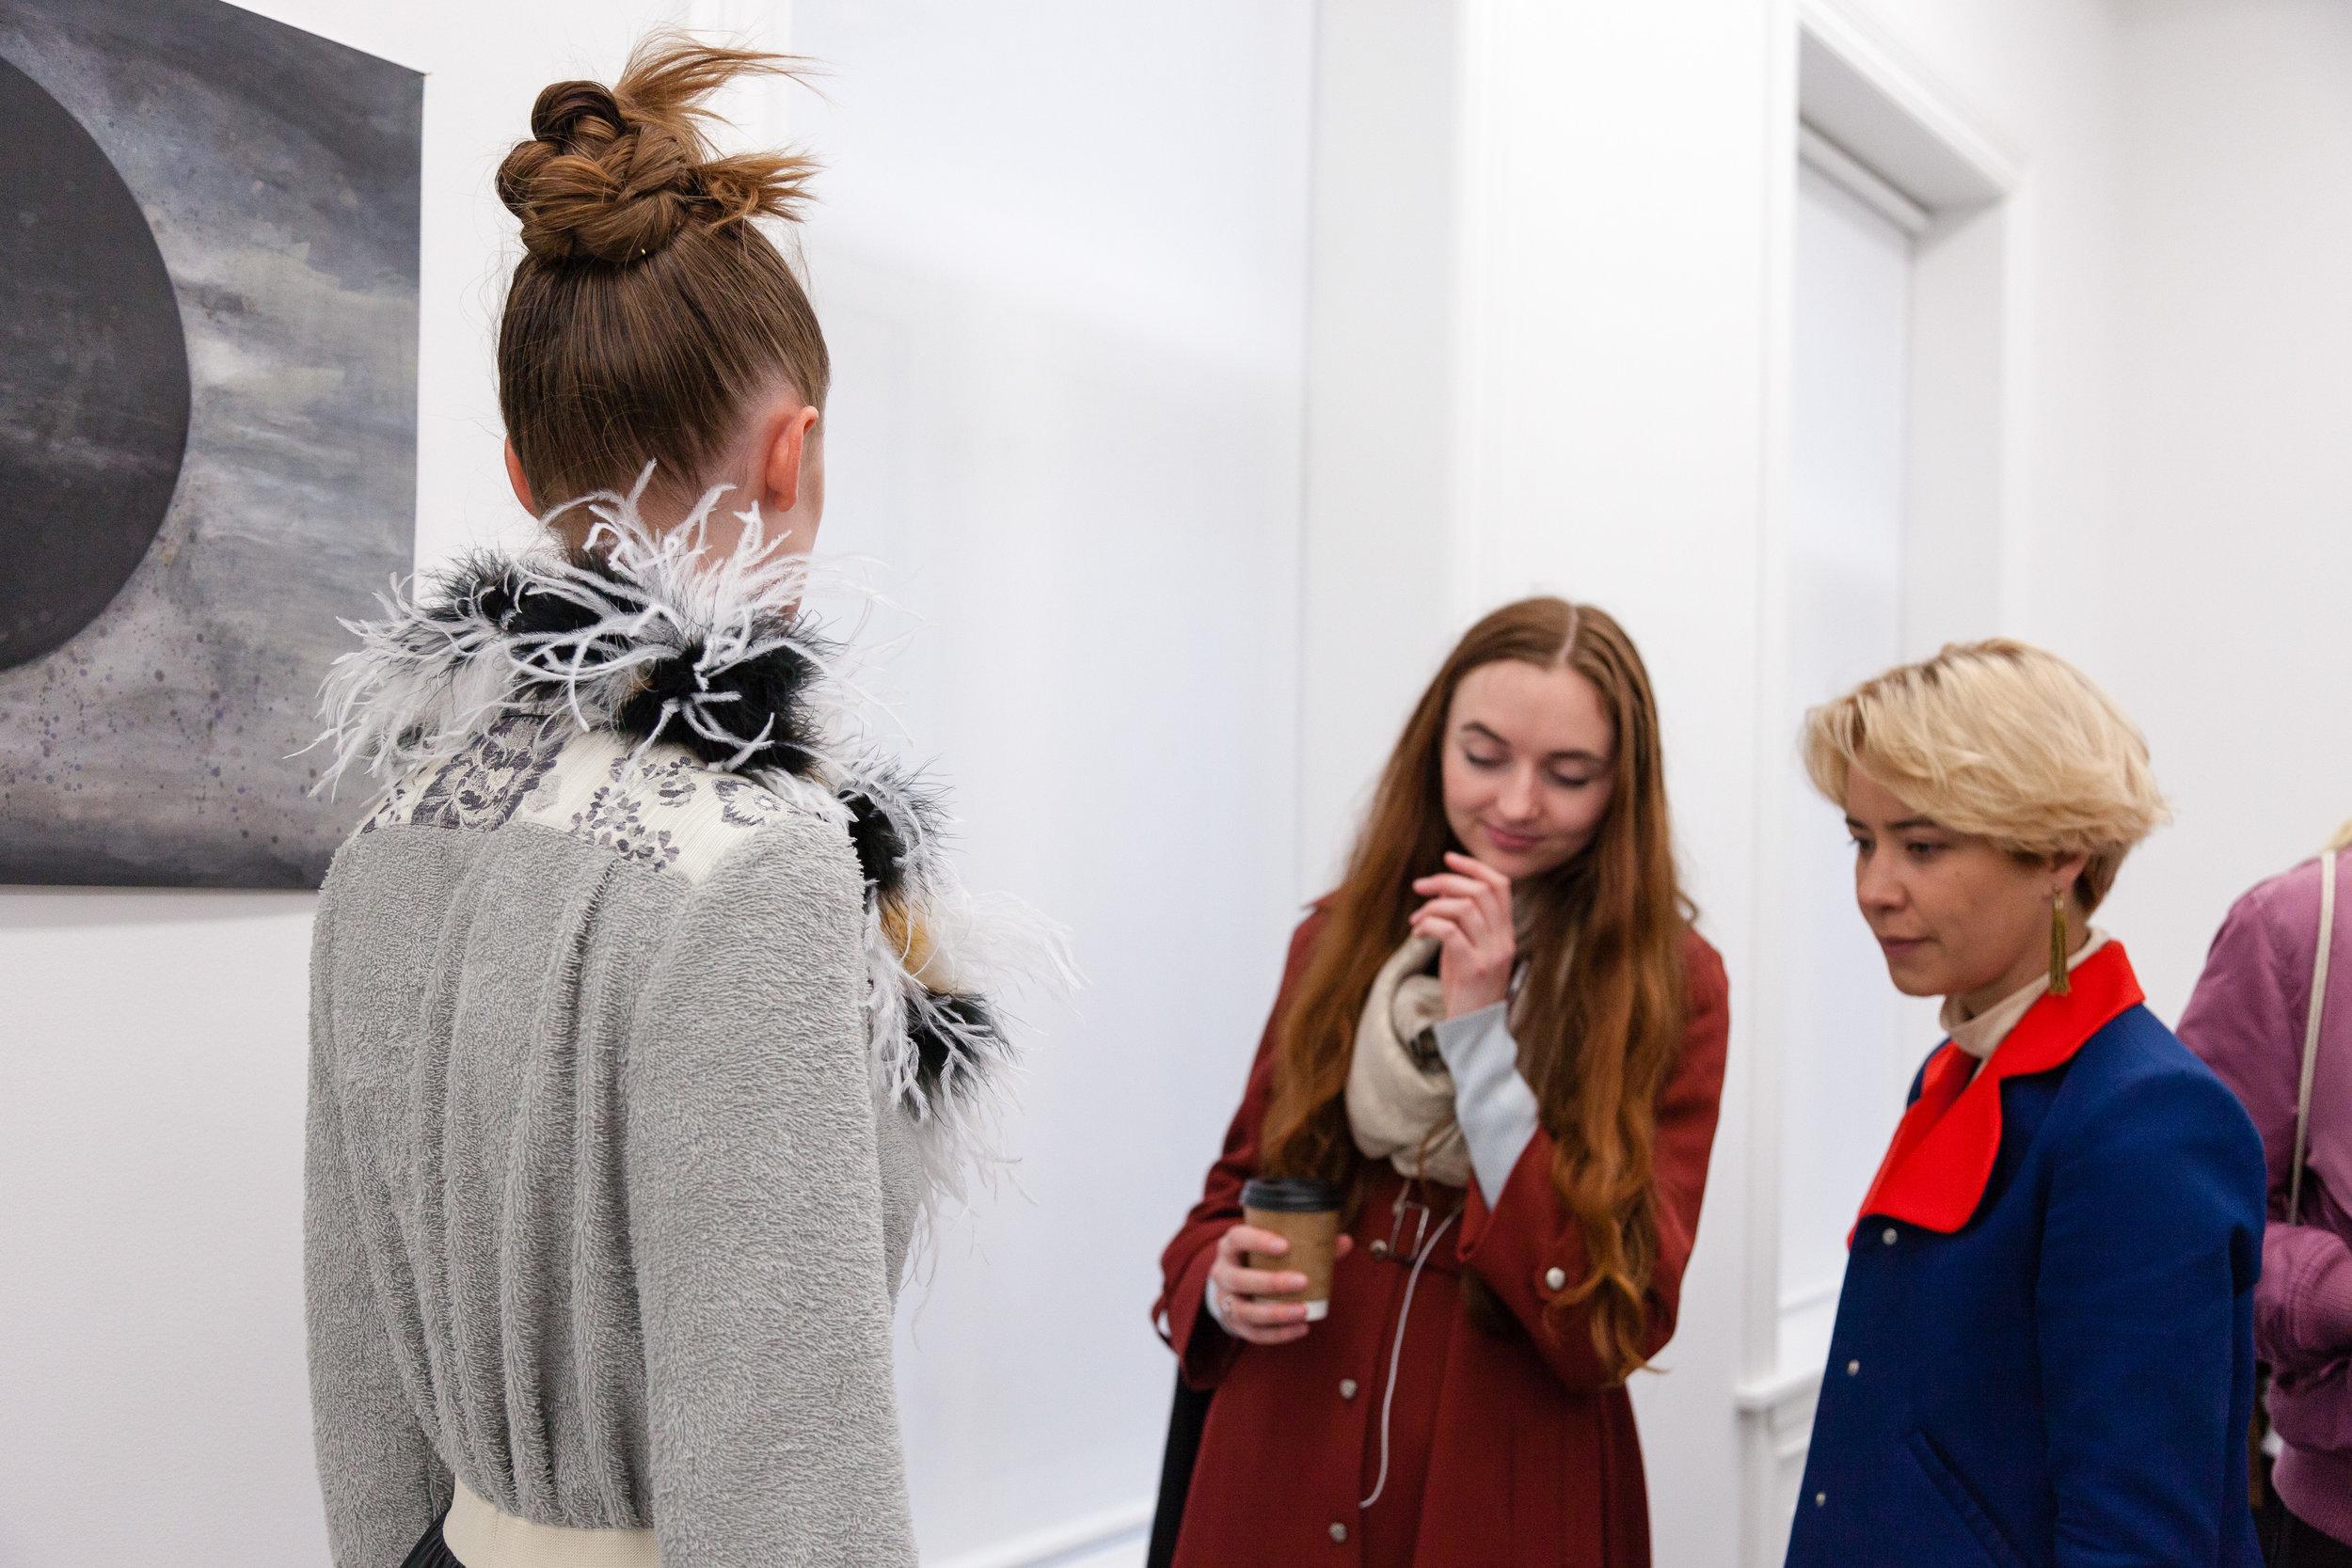 Admir Batlak – Déjà Vu (You Again) Fashion Show påGalleri Riis under Oslo Art Weekend, Oppdrag for Galleri Riis